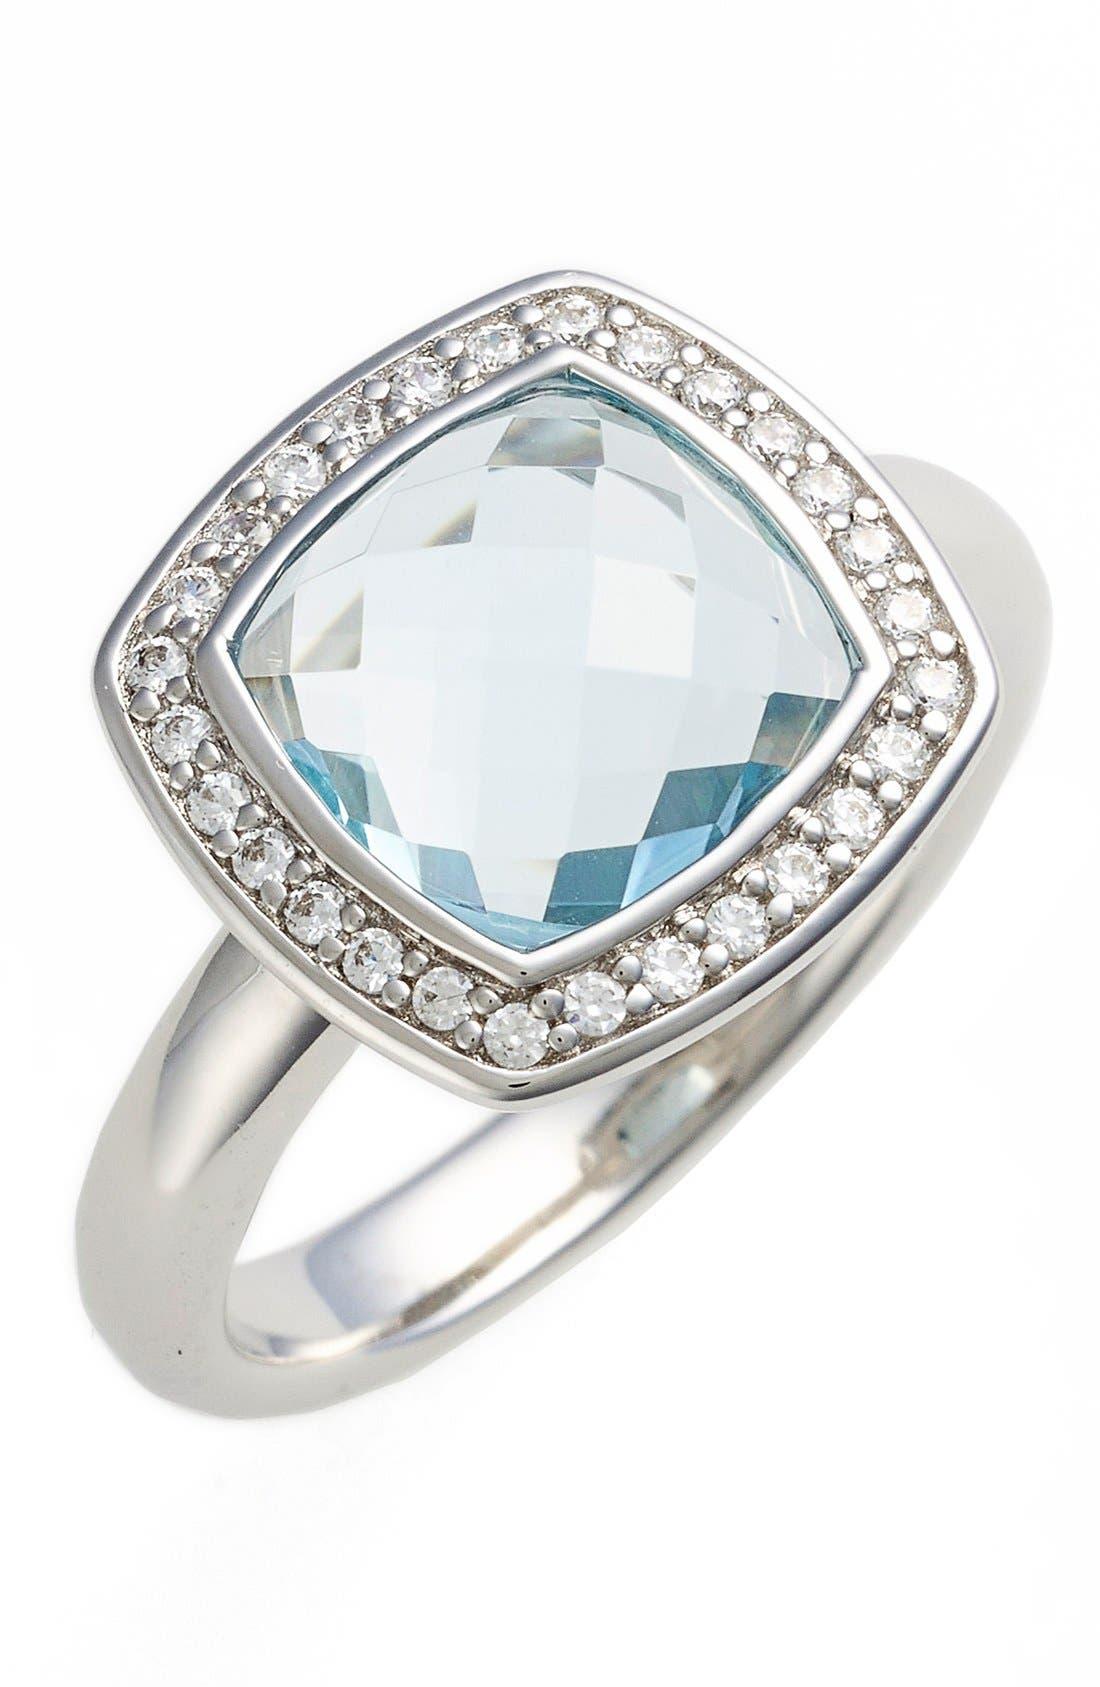 Main Image - Lafonn'Aria' Cushion Cut Ring